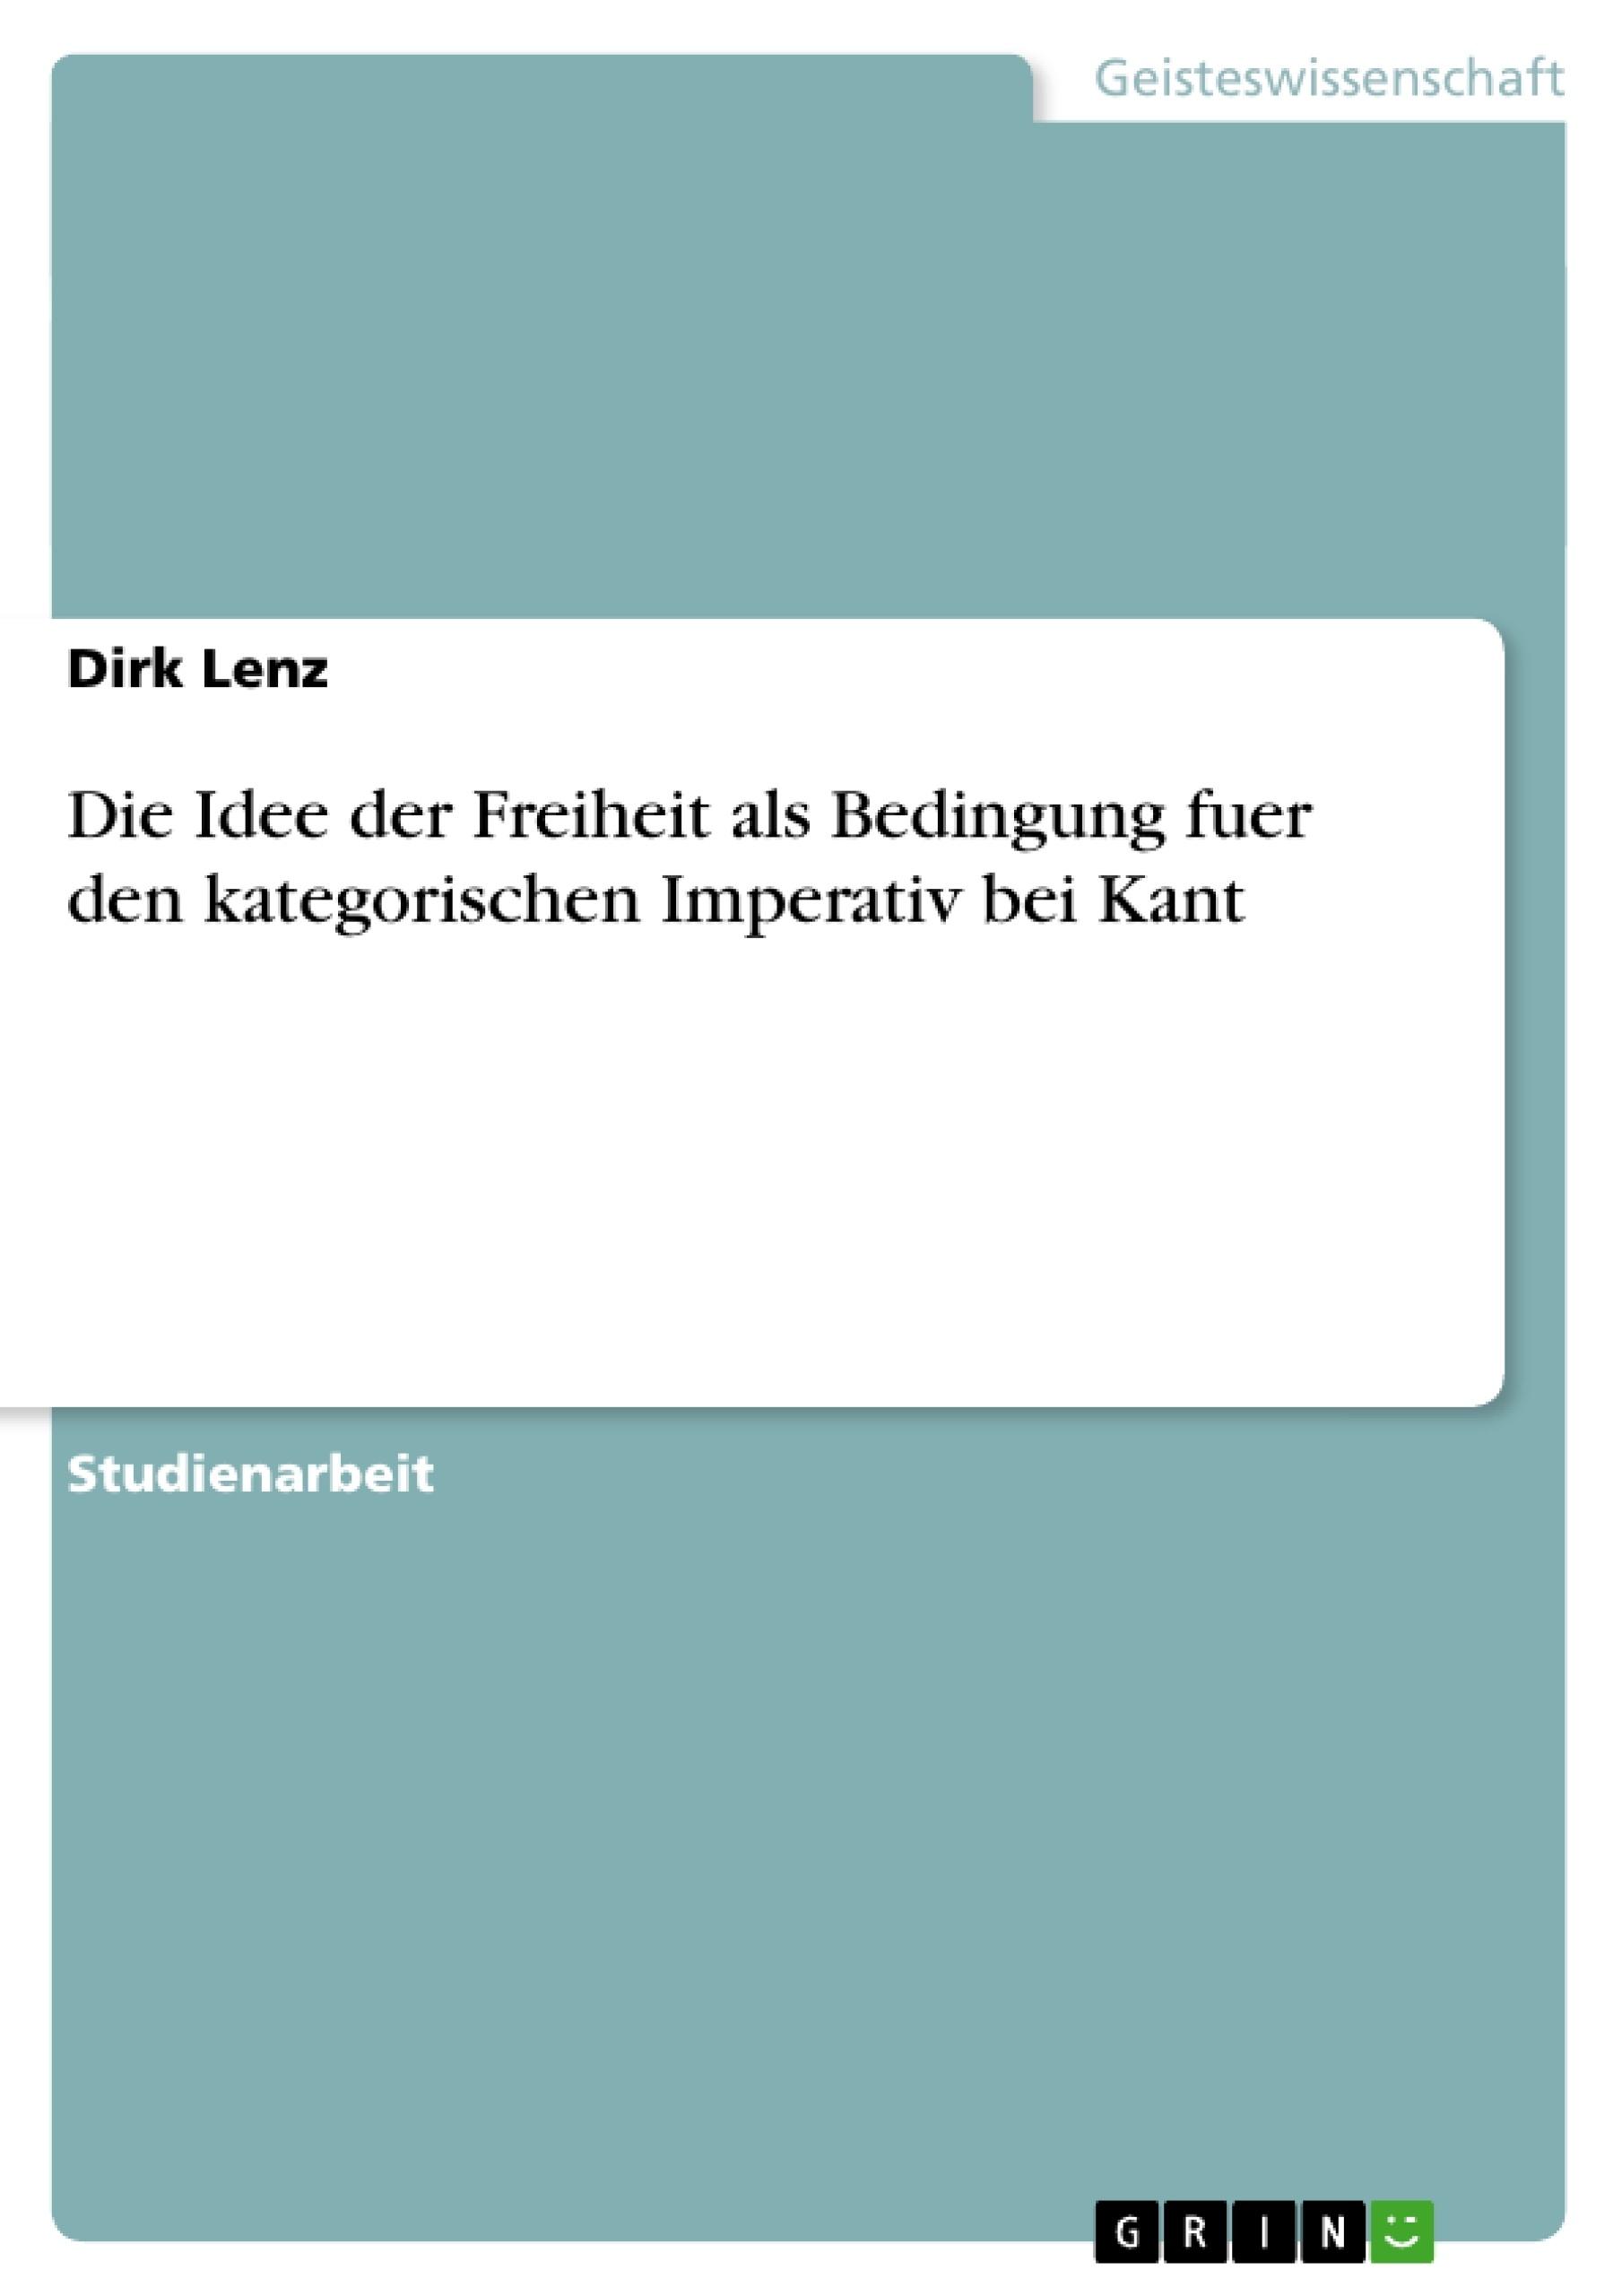 Titel: Die Idee der Freiheit als Bedingung fuer den kategorischen Imperativ bei Kant